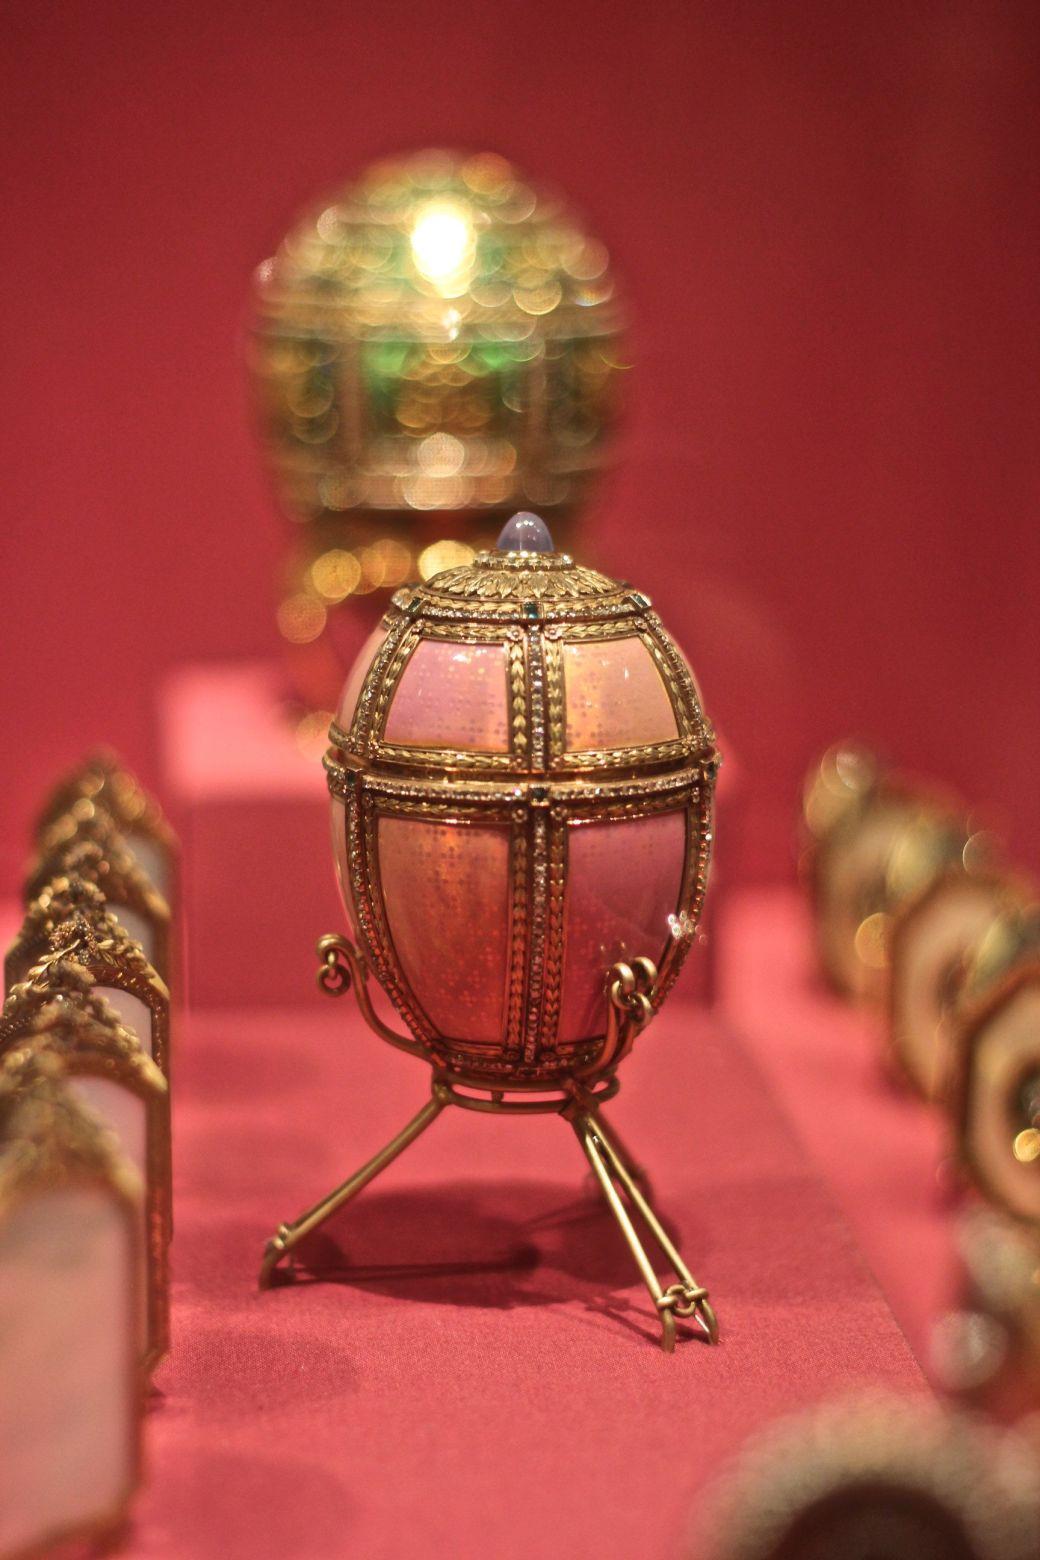 new york metropolitan museum of art faberge egg 2